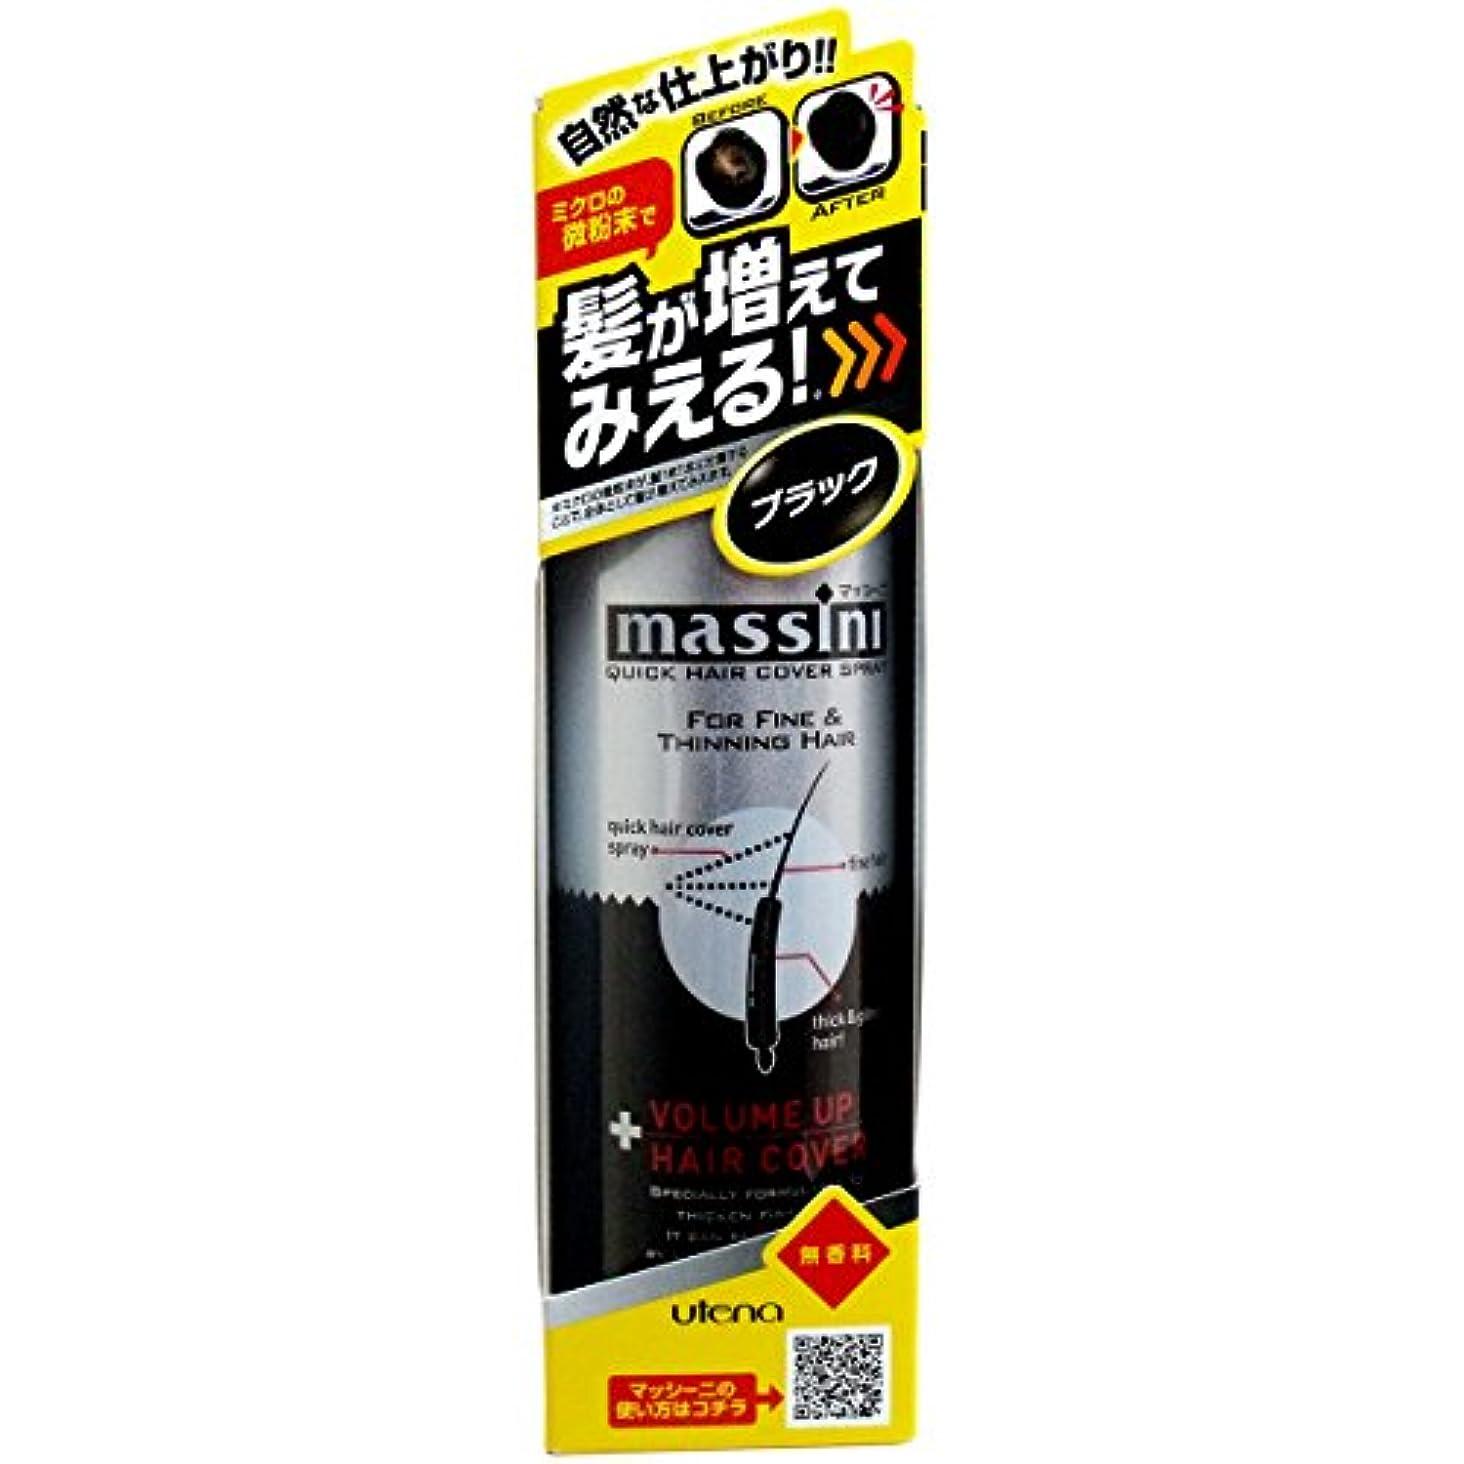 制裁メニュー分解する【ウテナ】マッシーニ クィックヘアカバースプレー(ブラック) 140g ×5個セット